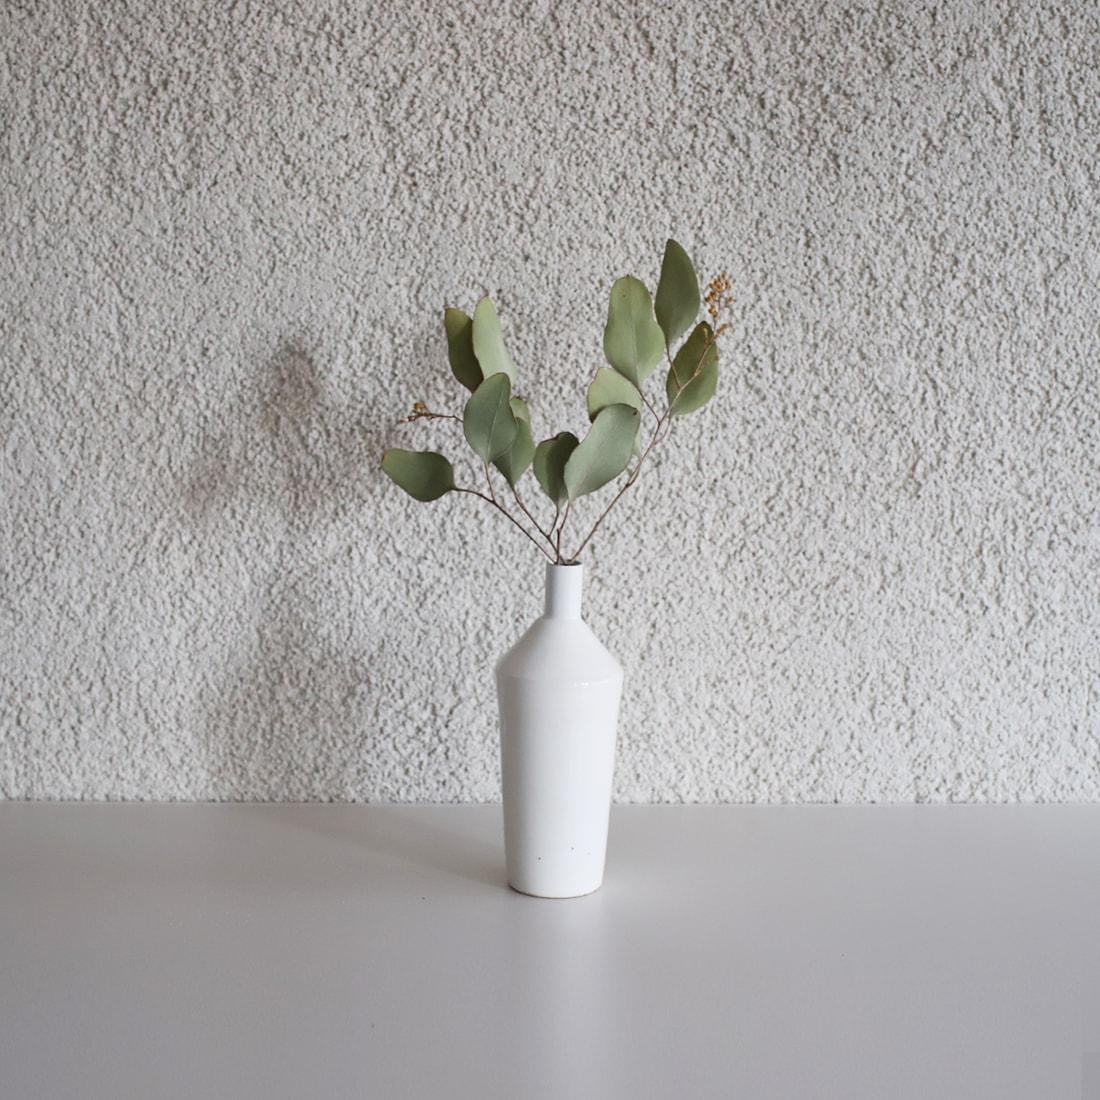 自らお花屋さんでいくつかのお花を見繕っても、慣れないうちはなんだかバランスが悪くなってしまったり、色合いが良くなかったりすることもあります。